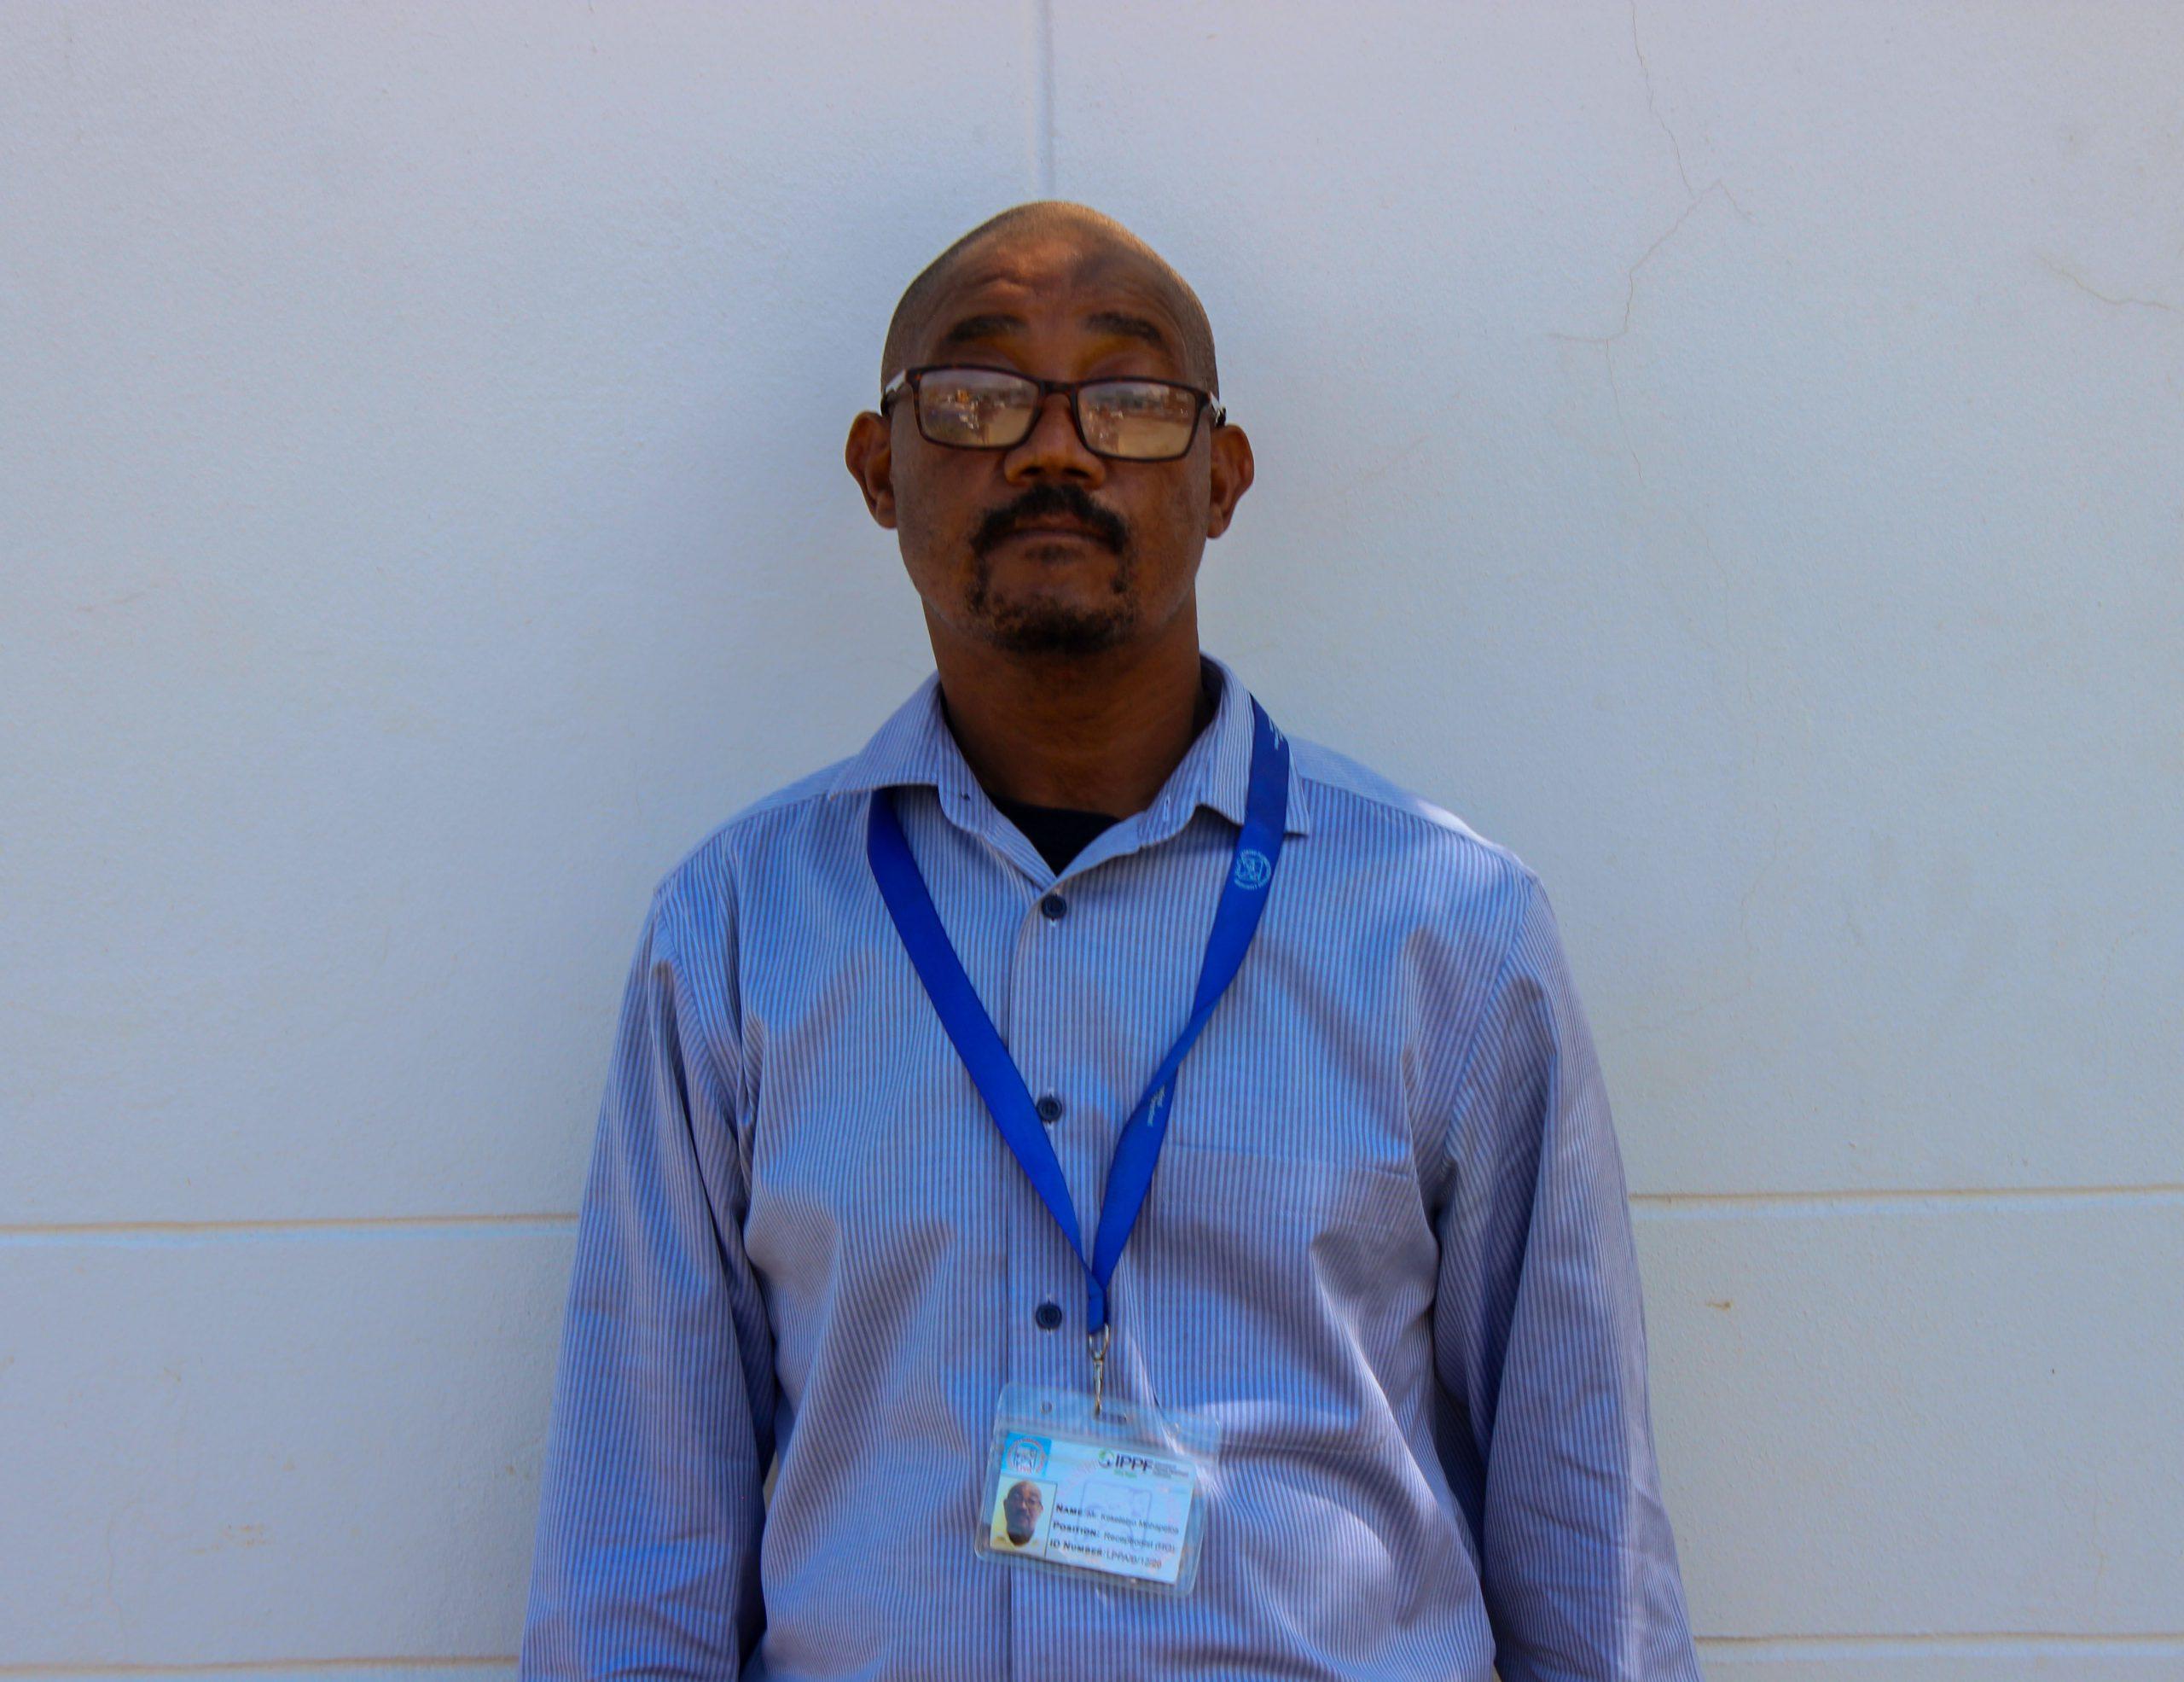 Kekeletso Mohapeloa :                           Receptionist